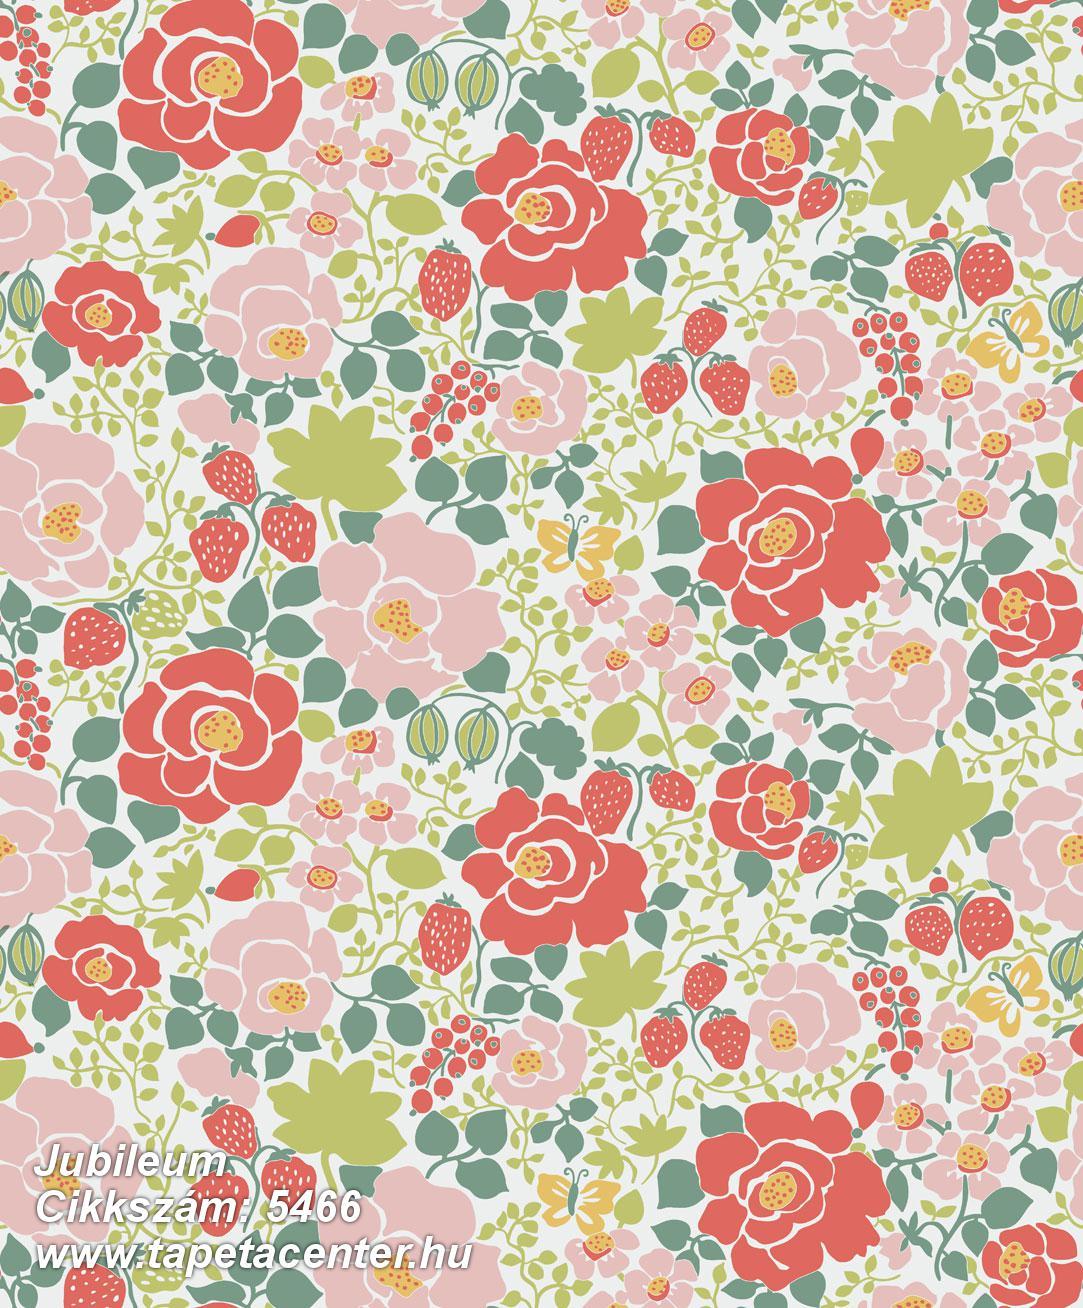 Retro,természeti mintás,virágmintás,fehér,narancs-terrakotta,pink-rózsaszín,piros-bordó,zöld,lemosható,vlies tapéta